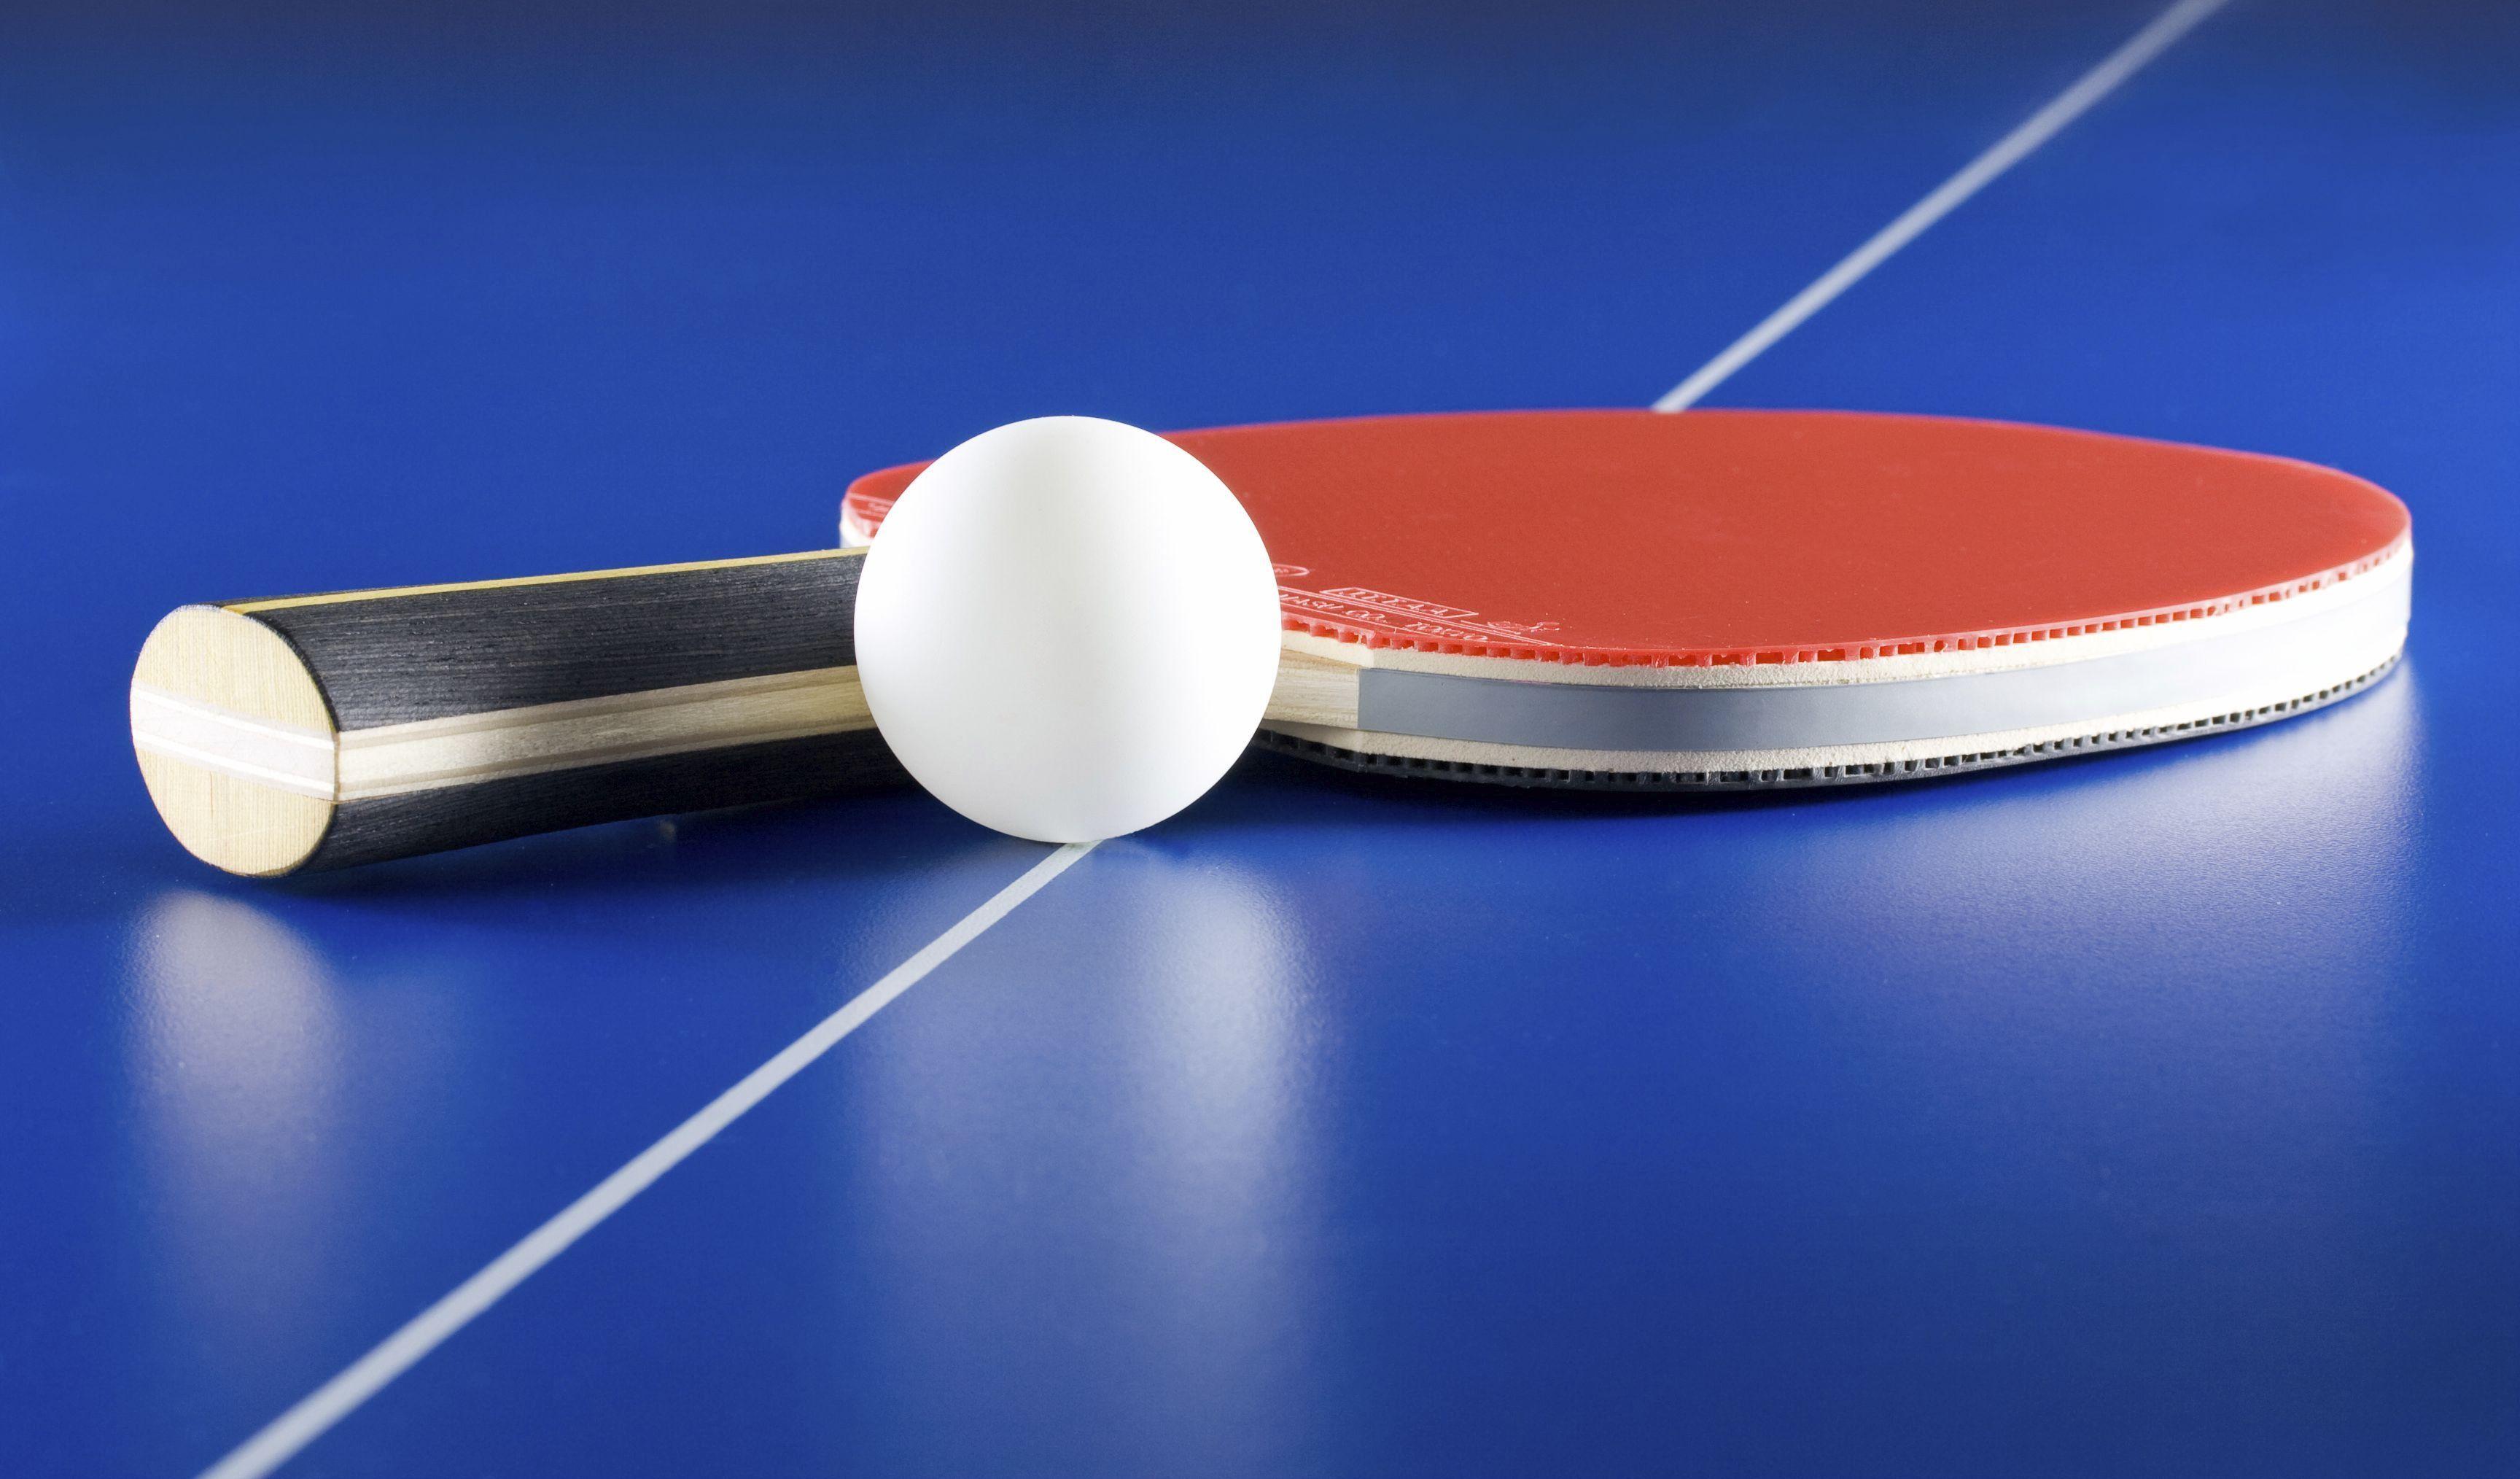 Ping Pong Wallpapers Wallpapertag